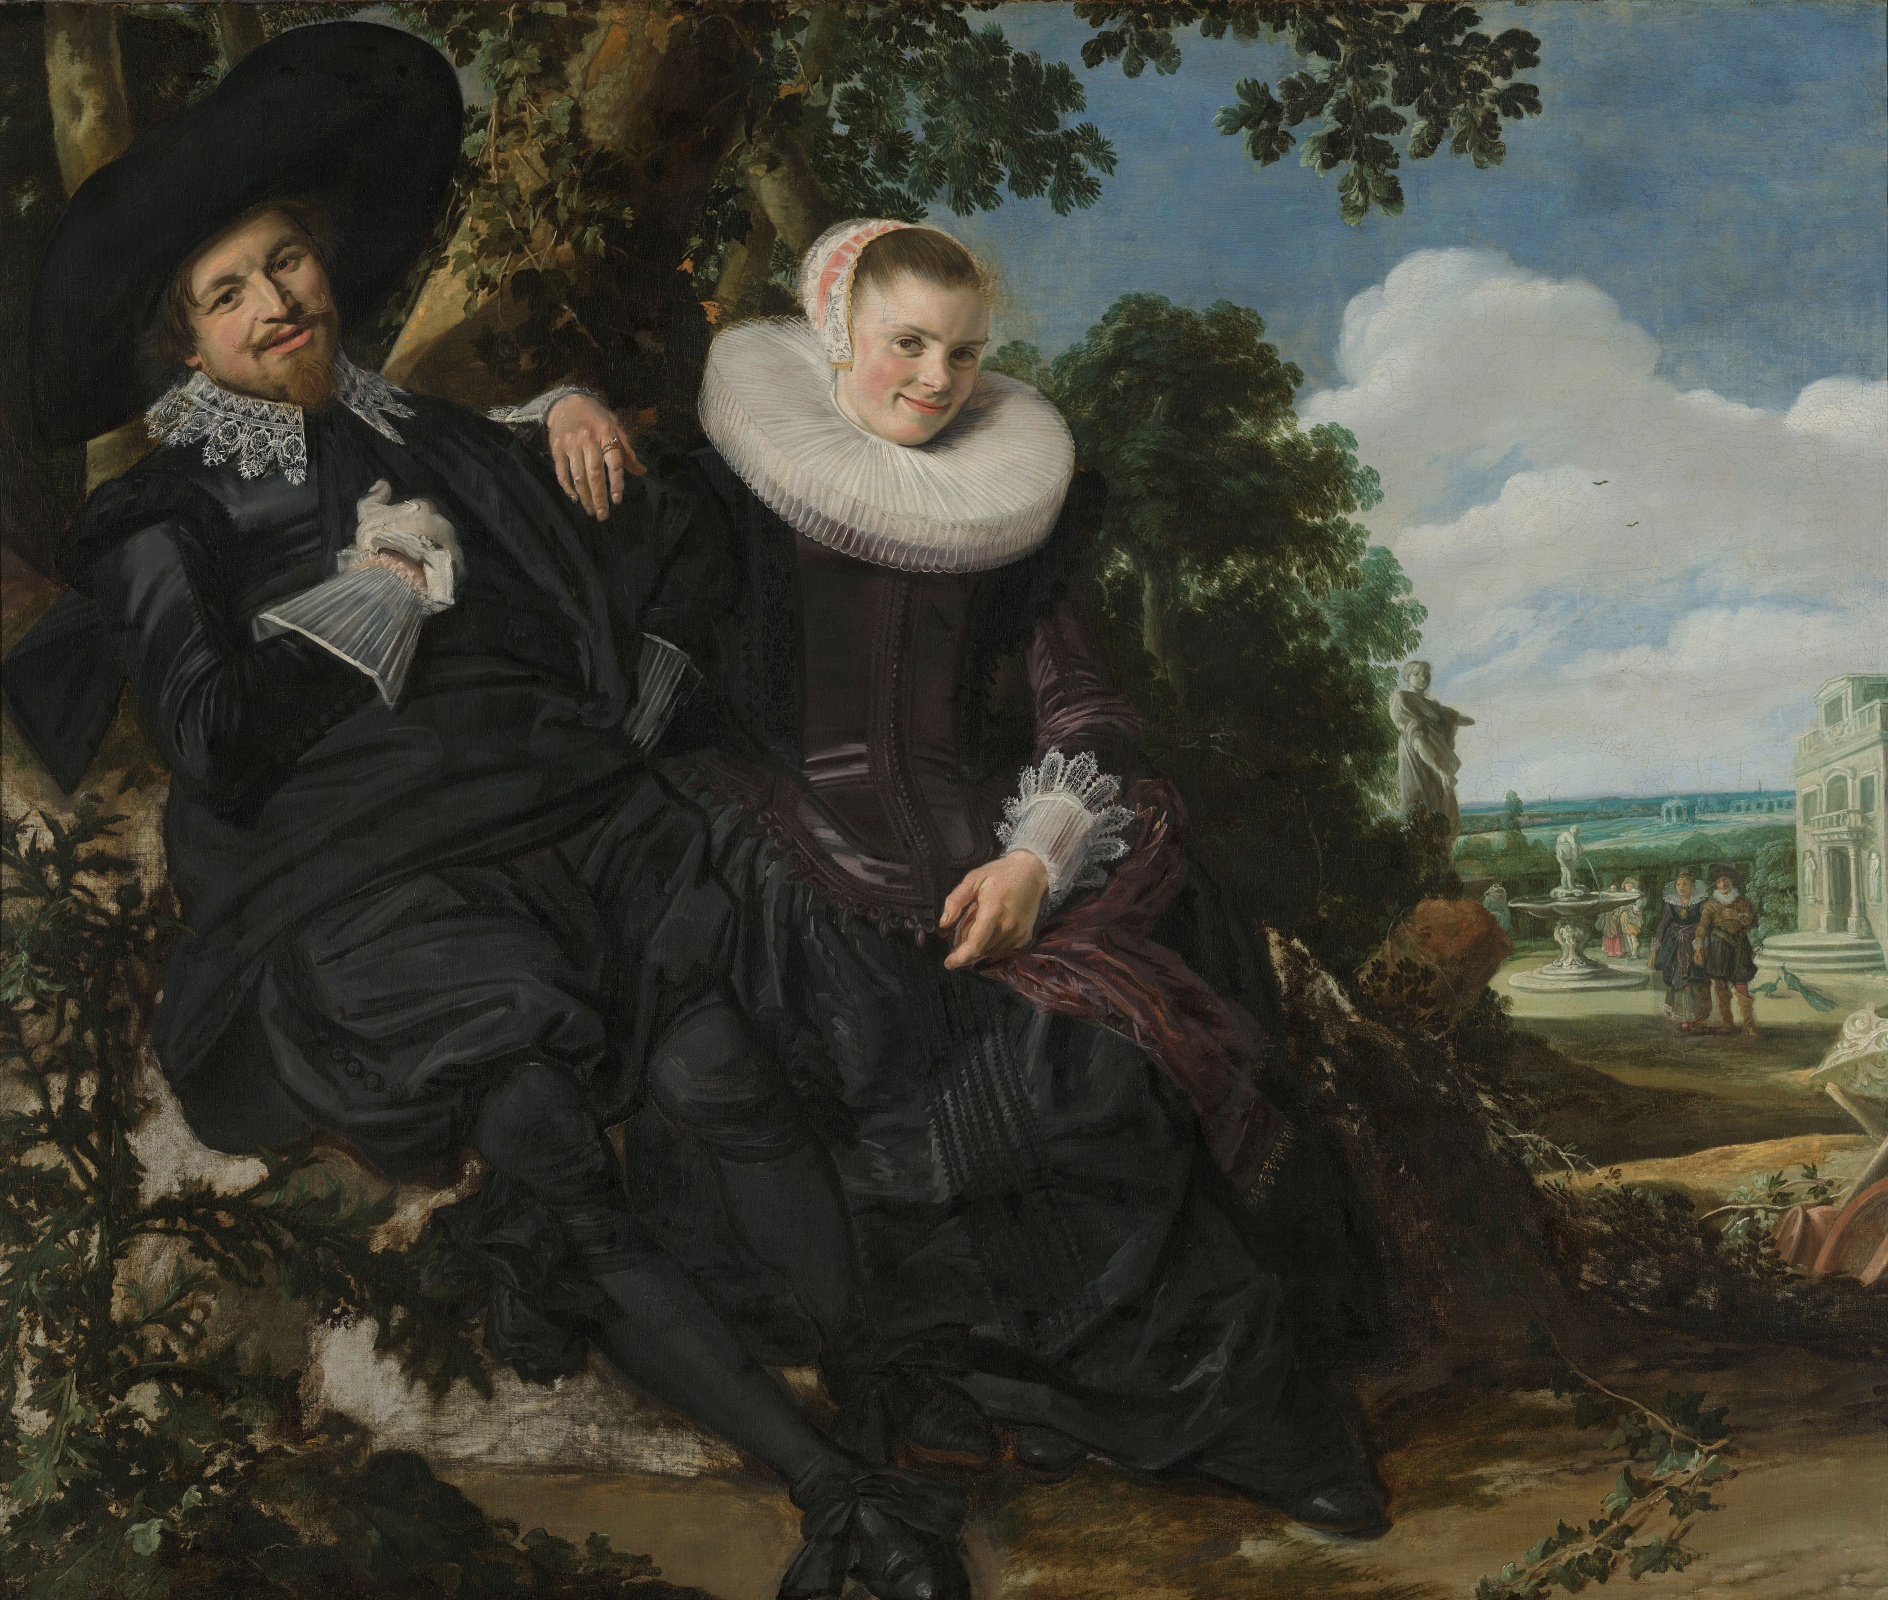 Франс Хальс. Портрет молодой пары (возможно, свадебный портрет Исаака Абрахамса и его жены Беатрикс ван дер Ваан)